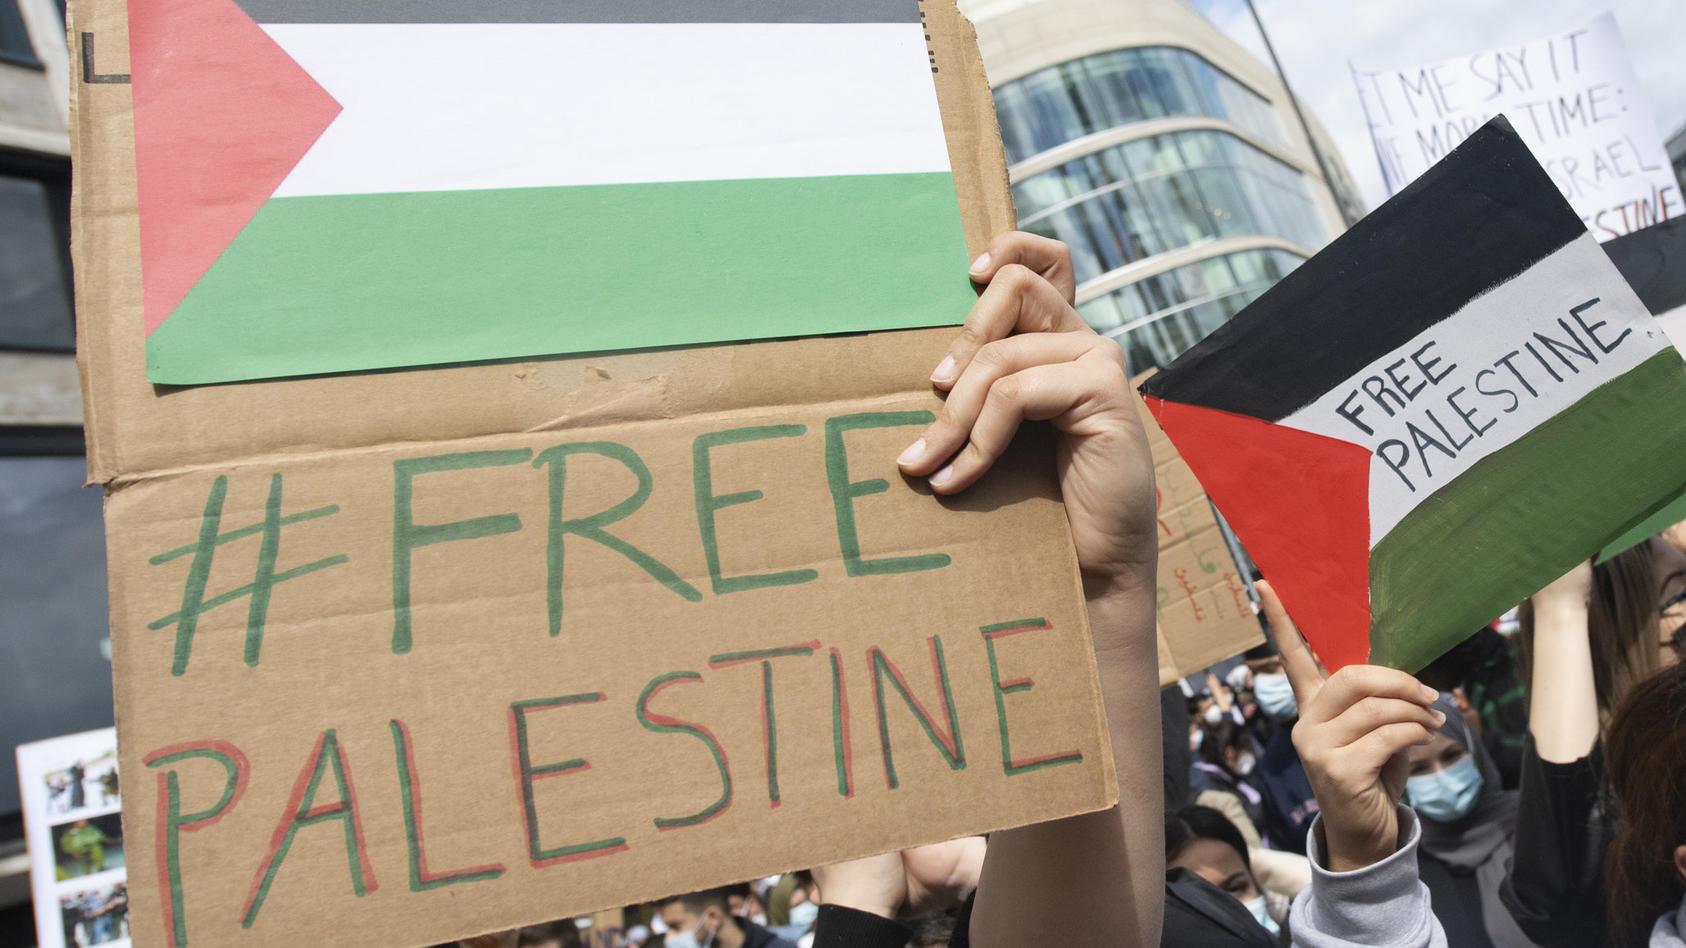 opfer-wurden-zusammengeschlagen-weil-er-nicht-free-palestine-rufen-wollte-symbolbild